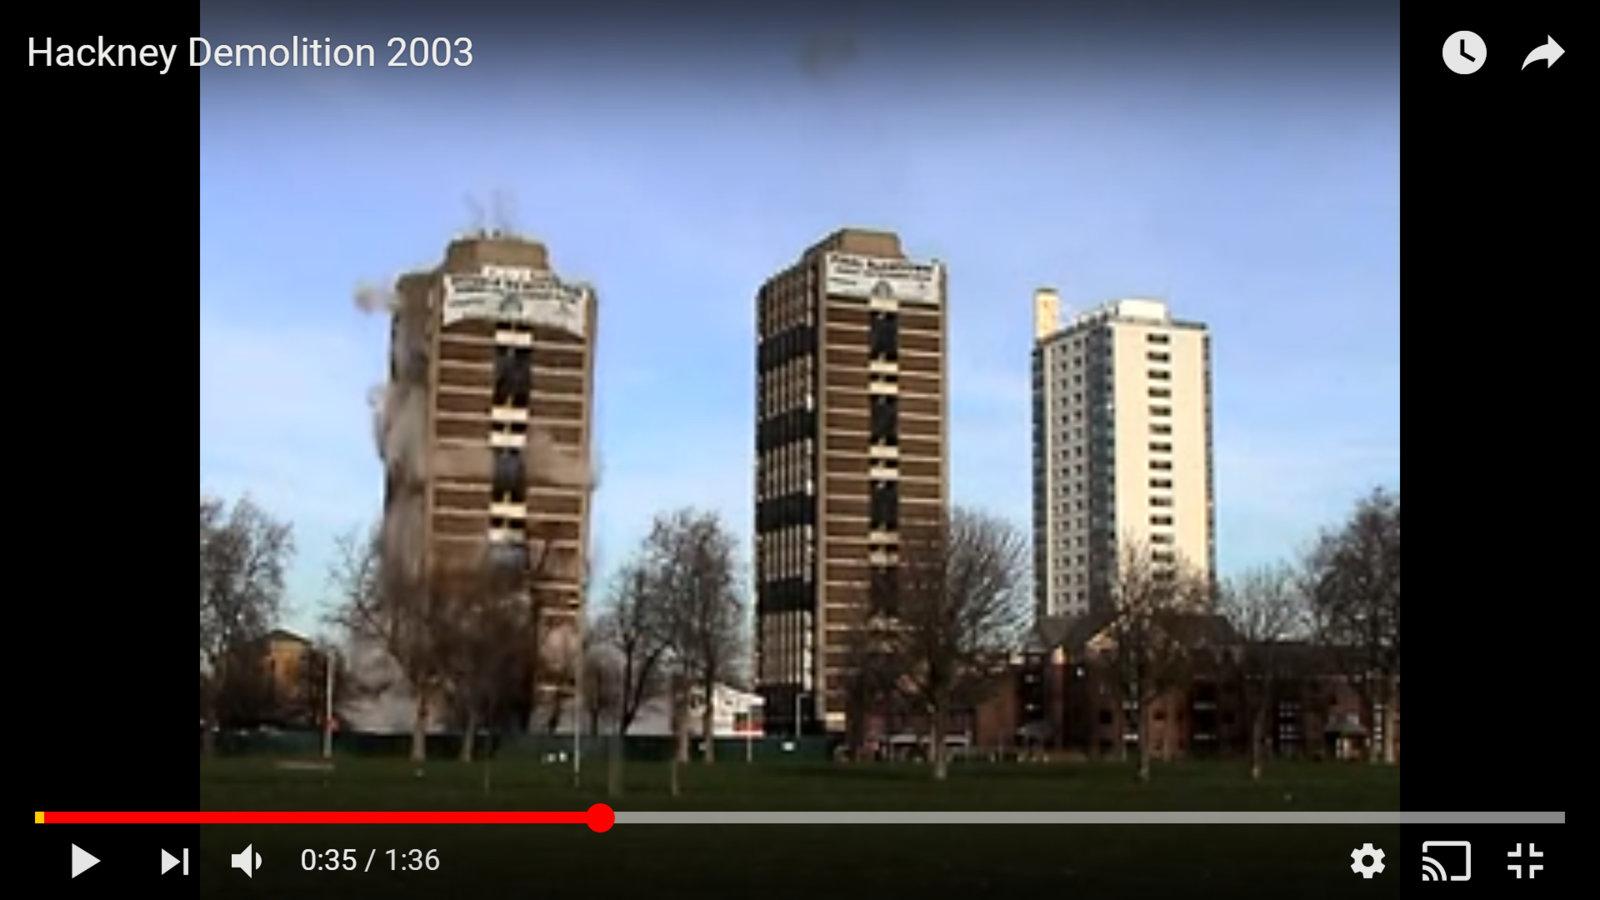 Hackney demolition 1.jpg